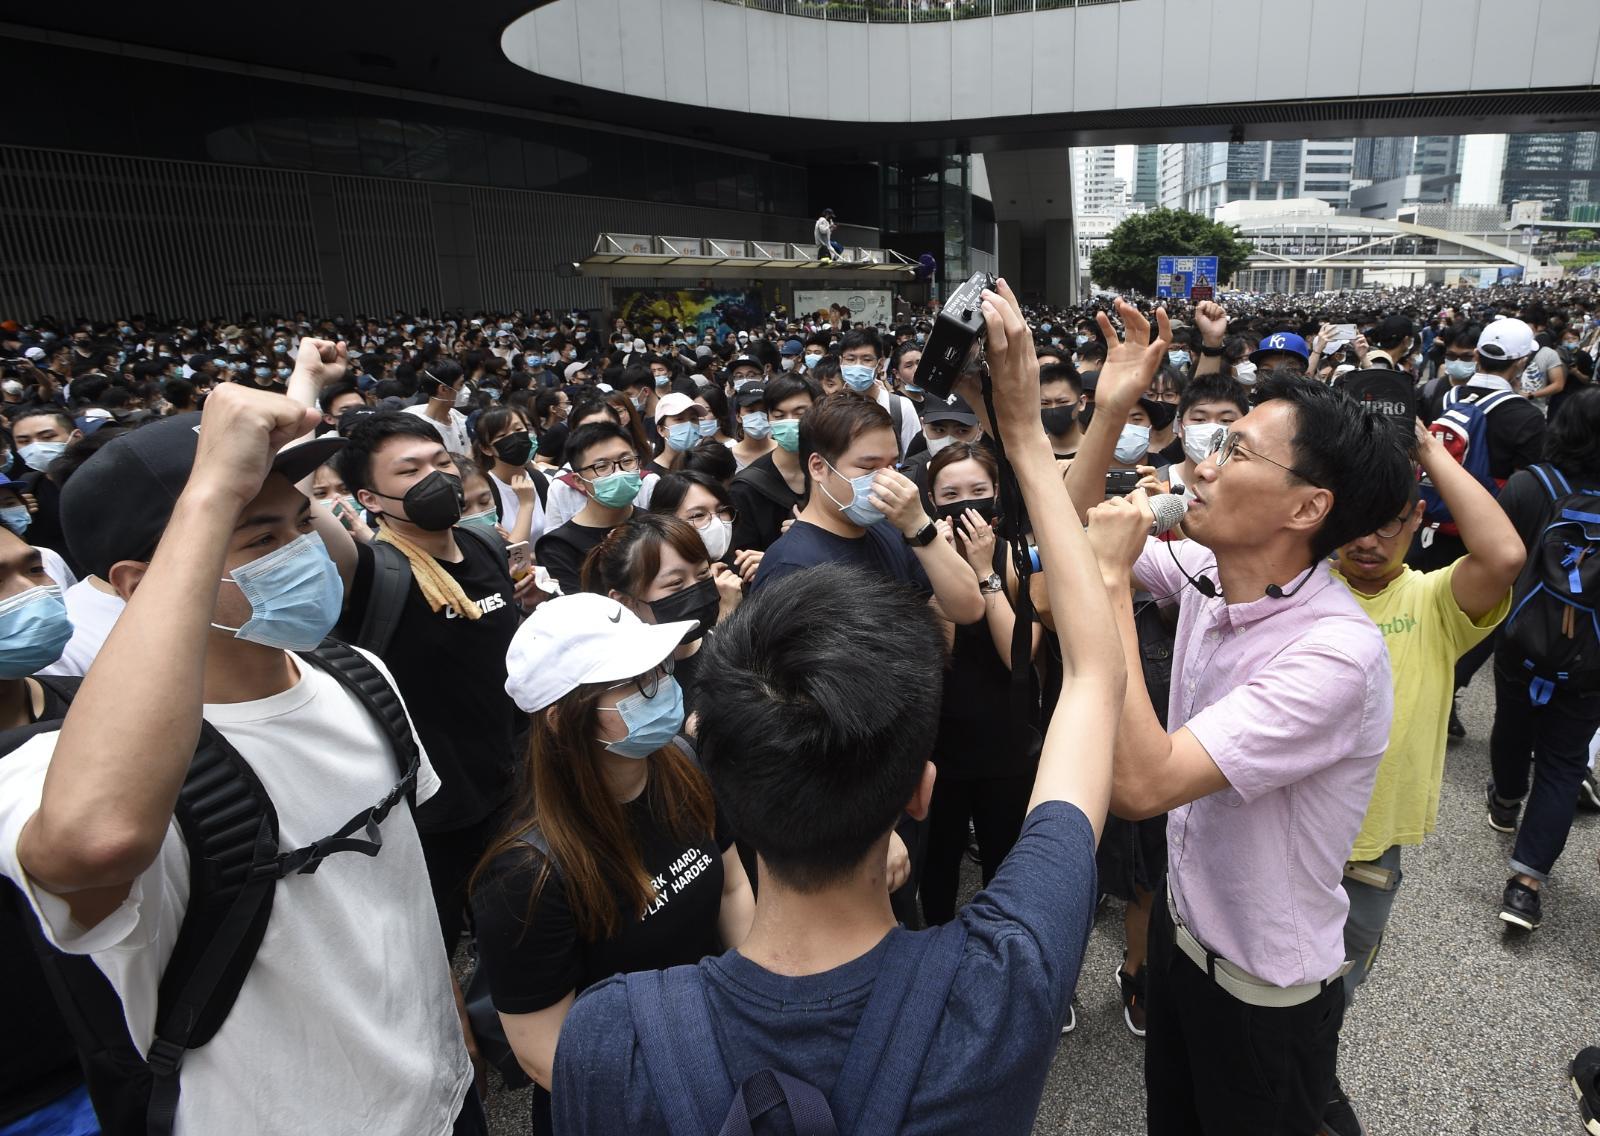 示威者留守現場。